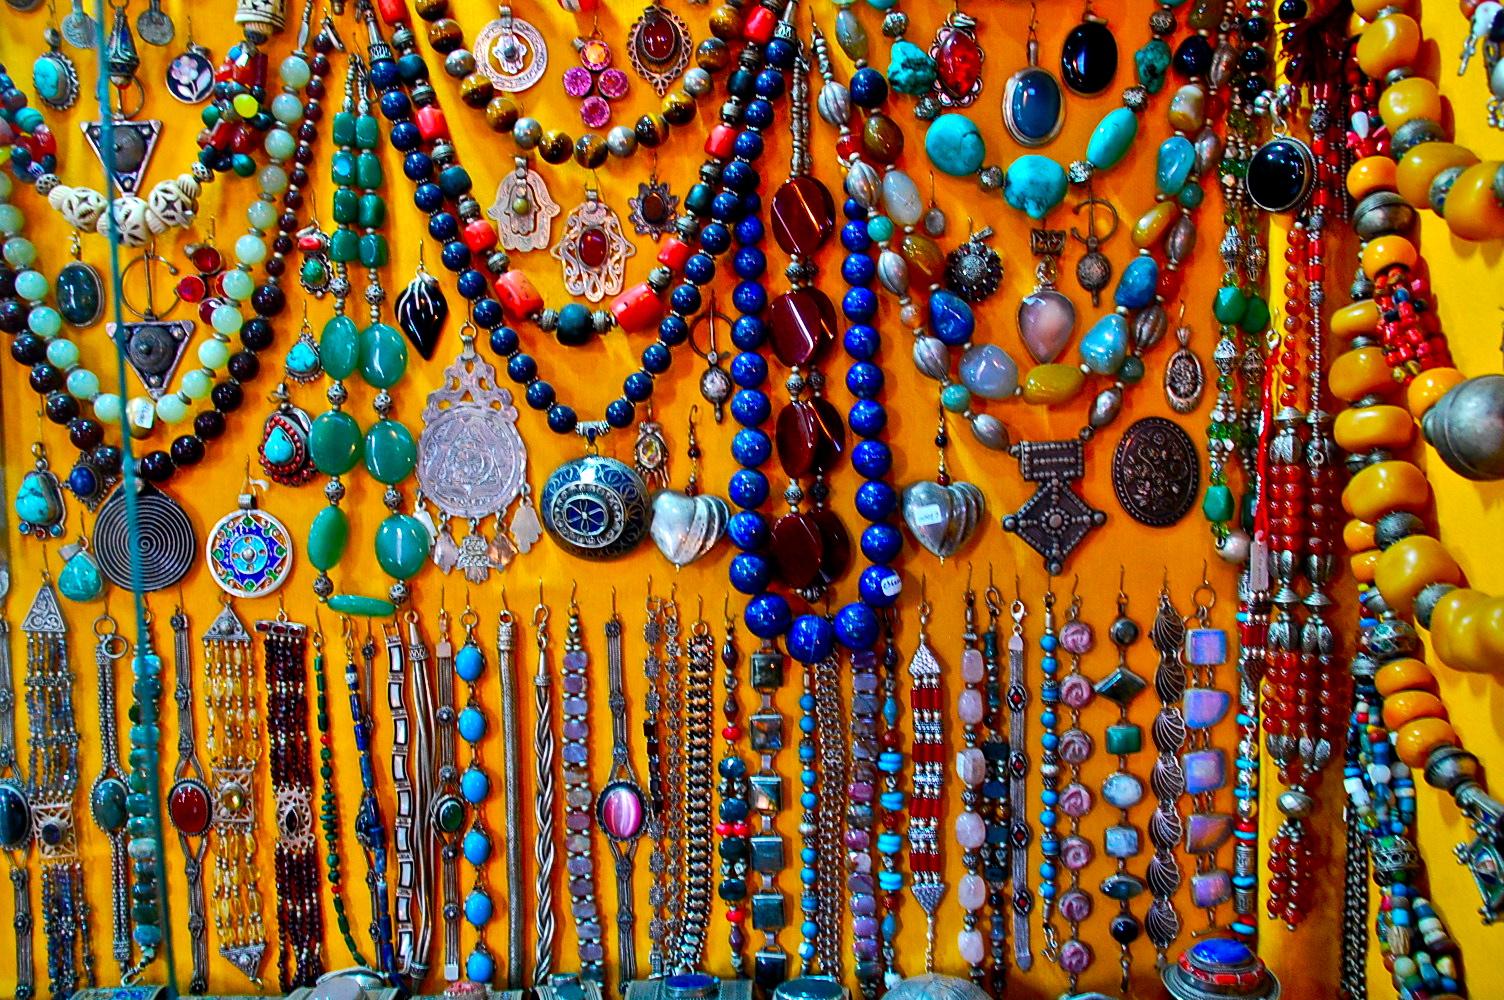 Moroc Co Markets In Morocco Souks In Morocco